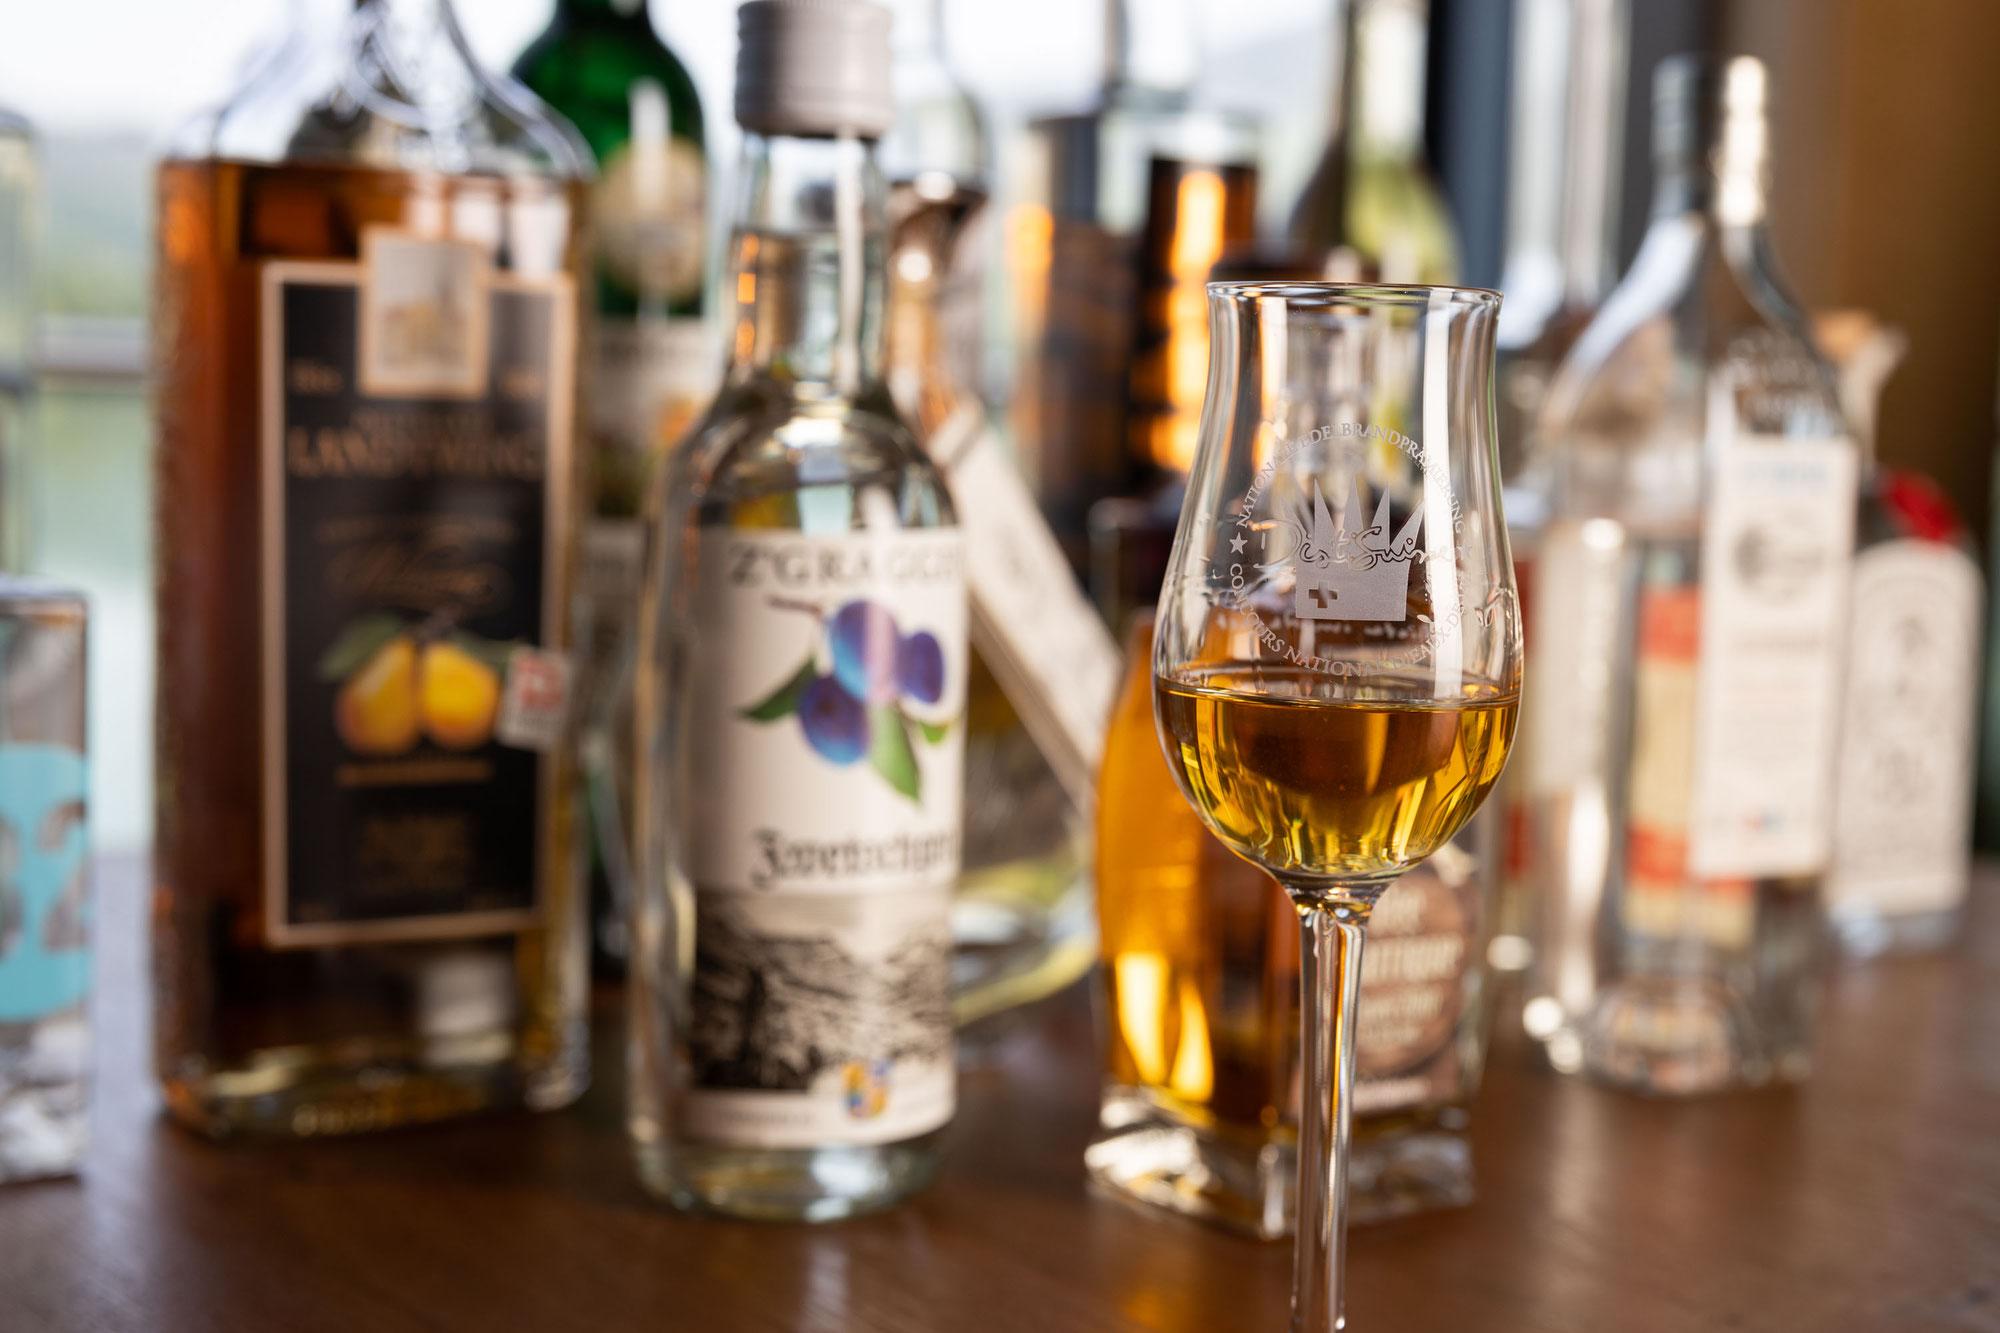 Recul d'au moins 20 % des ventes de boissons spiritueuses